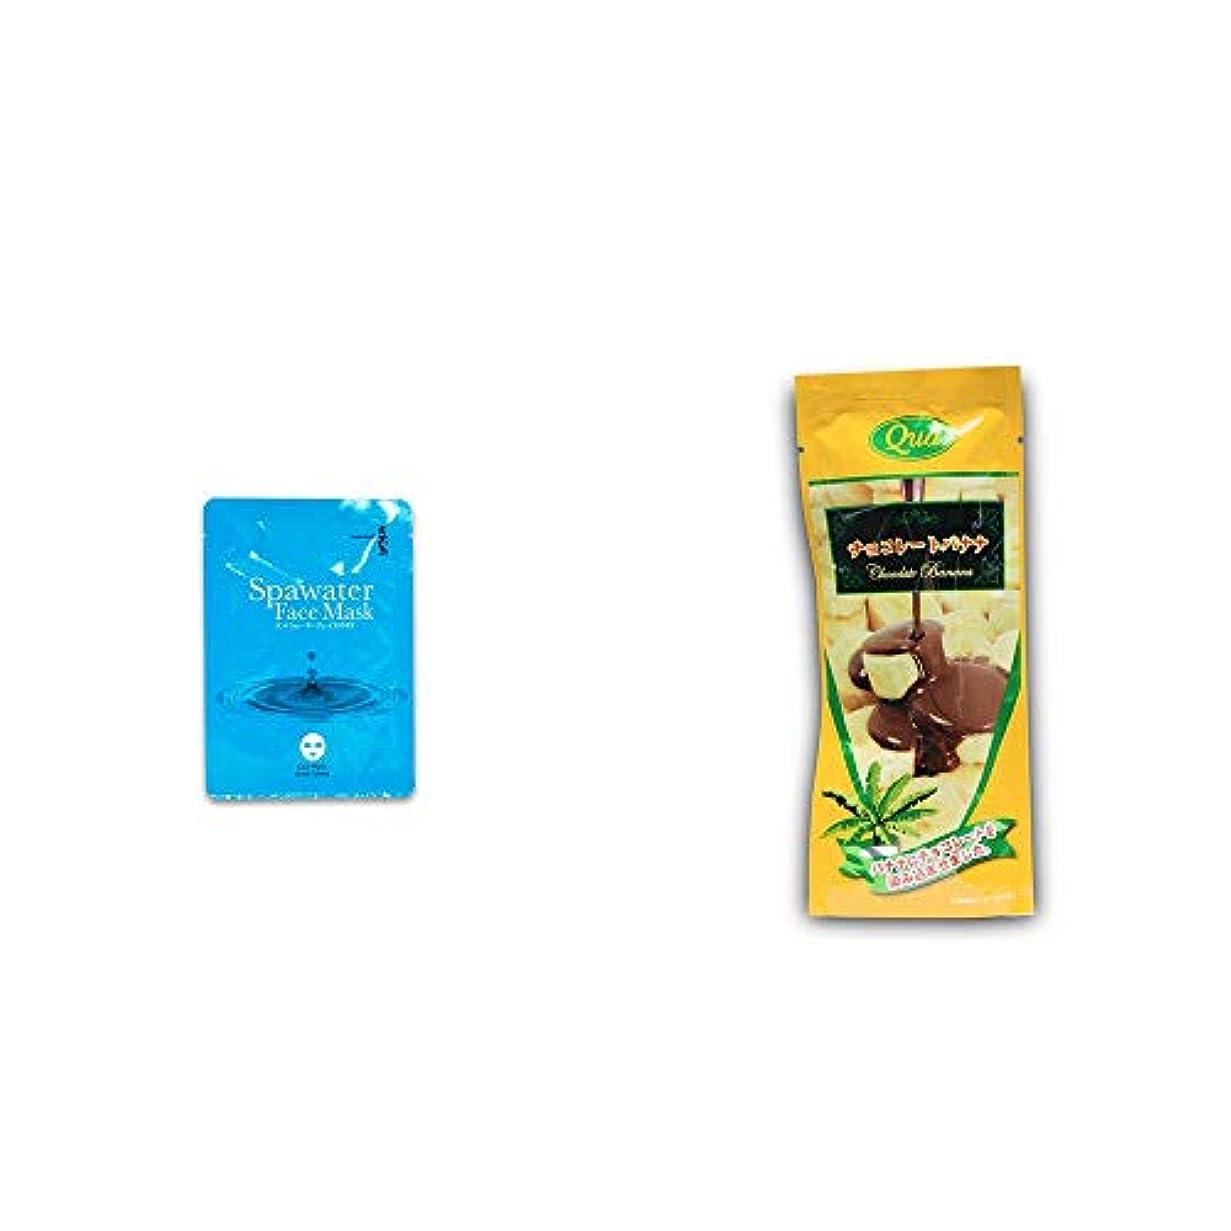 口怒っているトリプル[2点セット] ひのき炭黒泉 スパウォーターフェイスマスク(18ml×3枚入)?フリーズドライ チョコレートバナナ(50g)